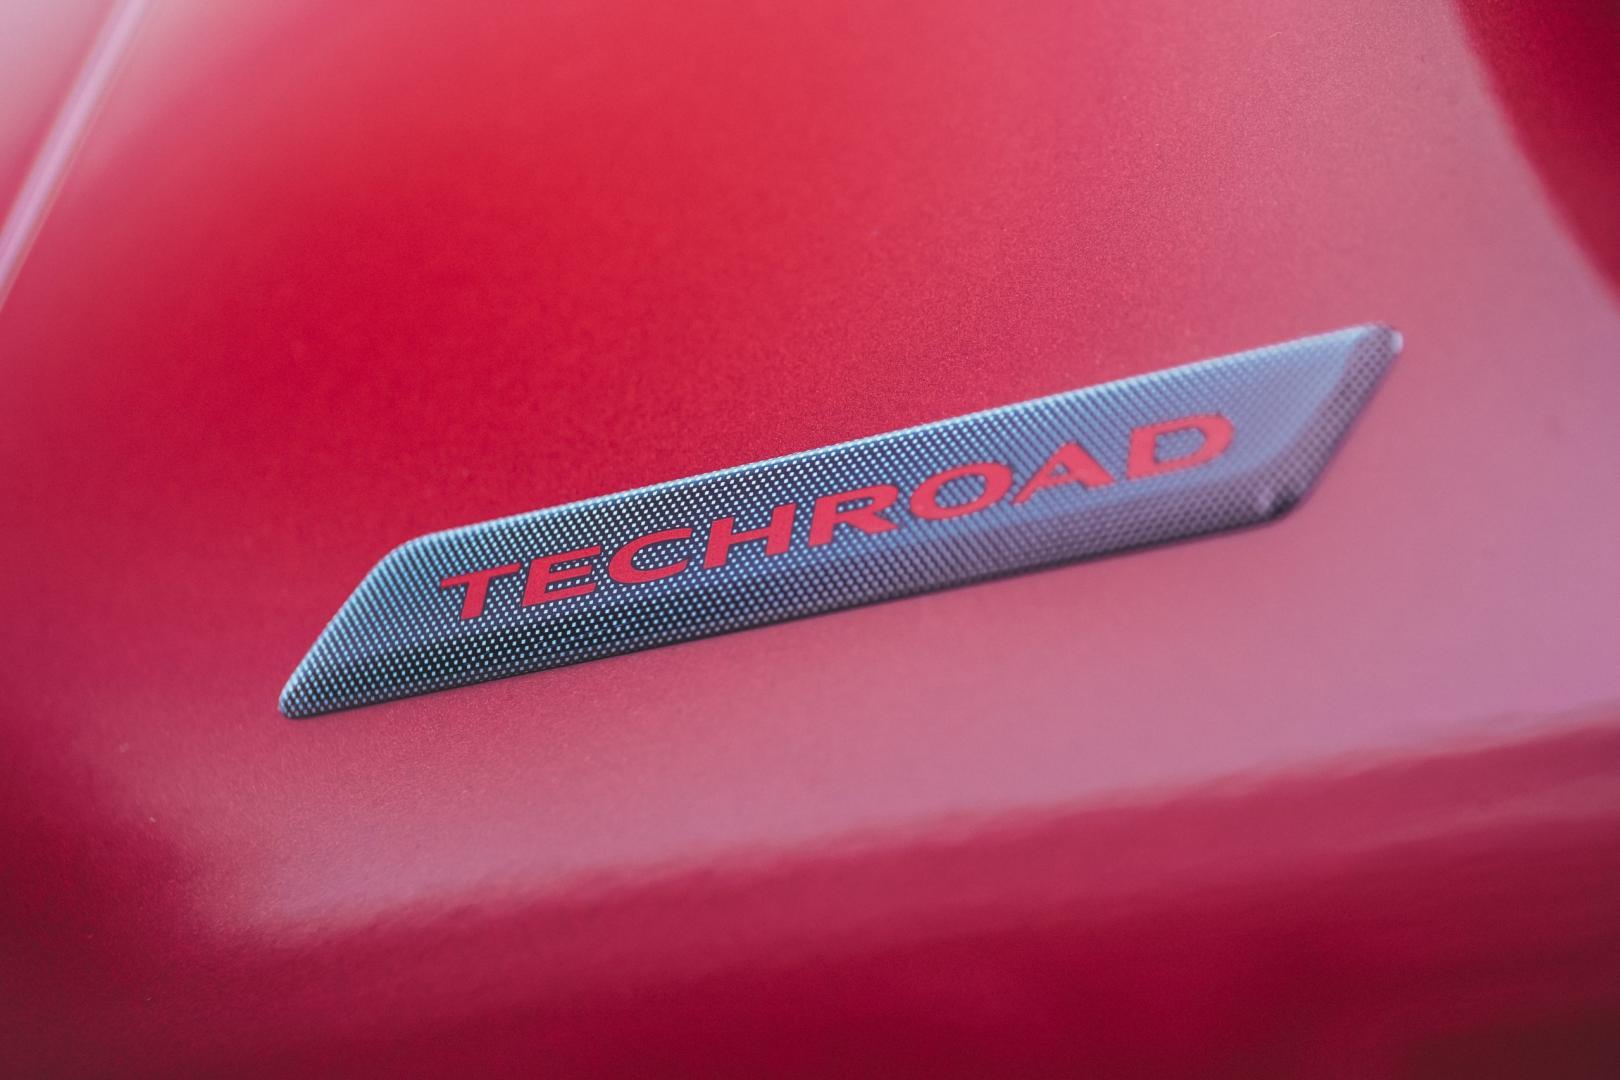 Dacia Sandero detail badge